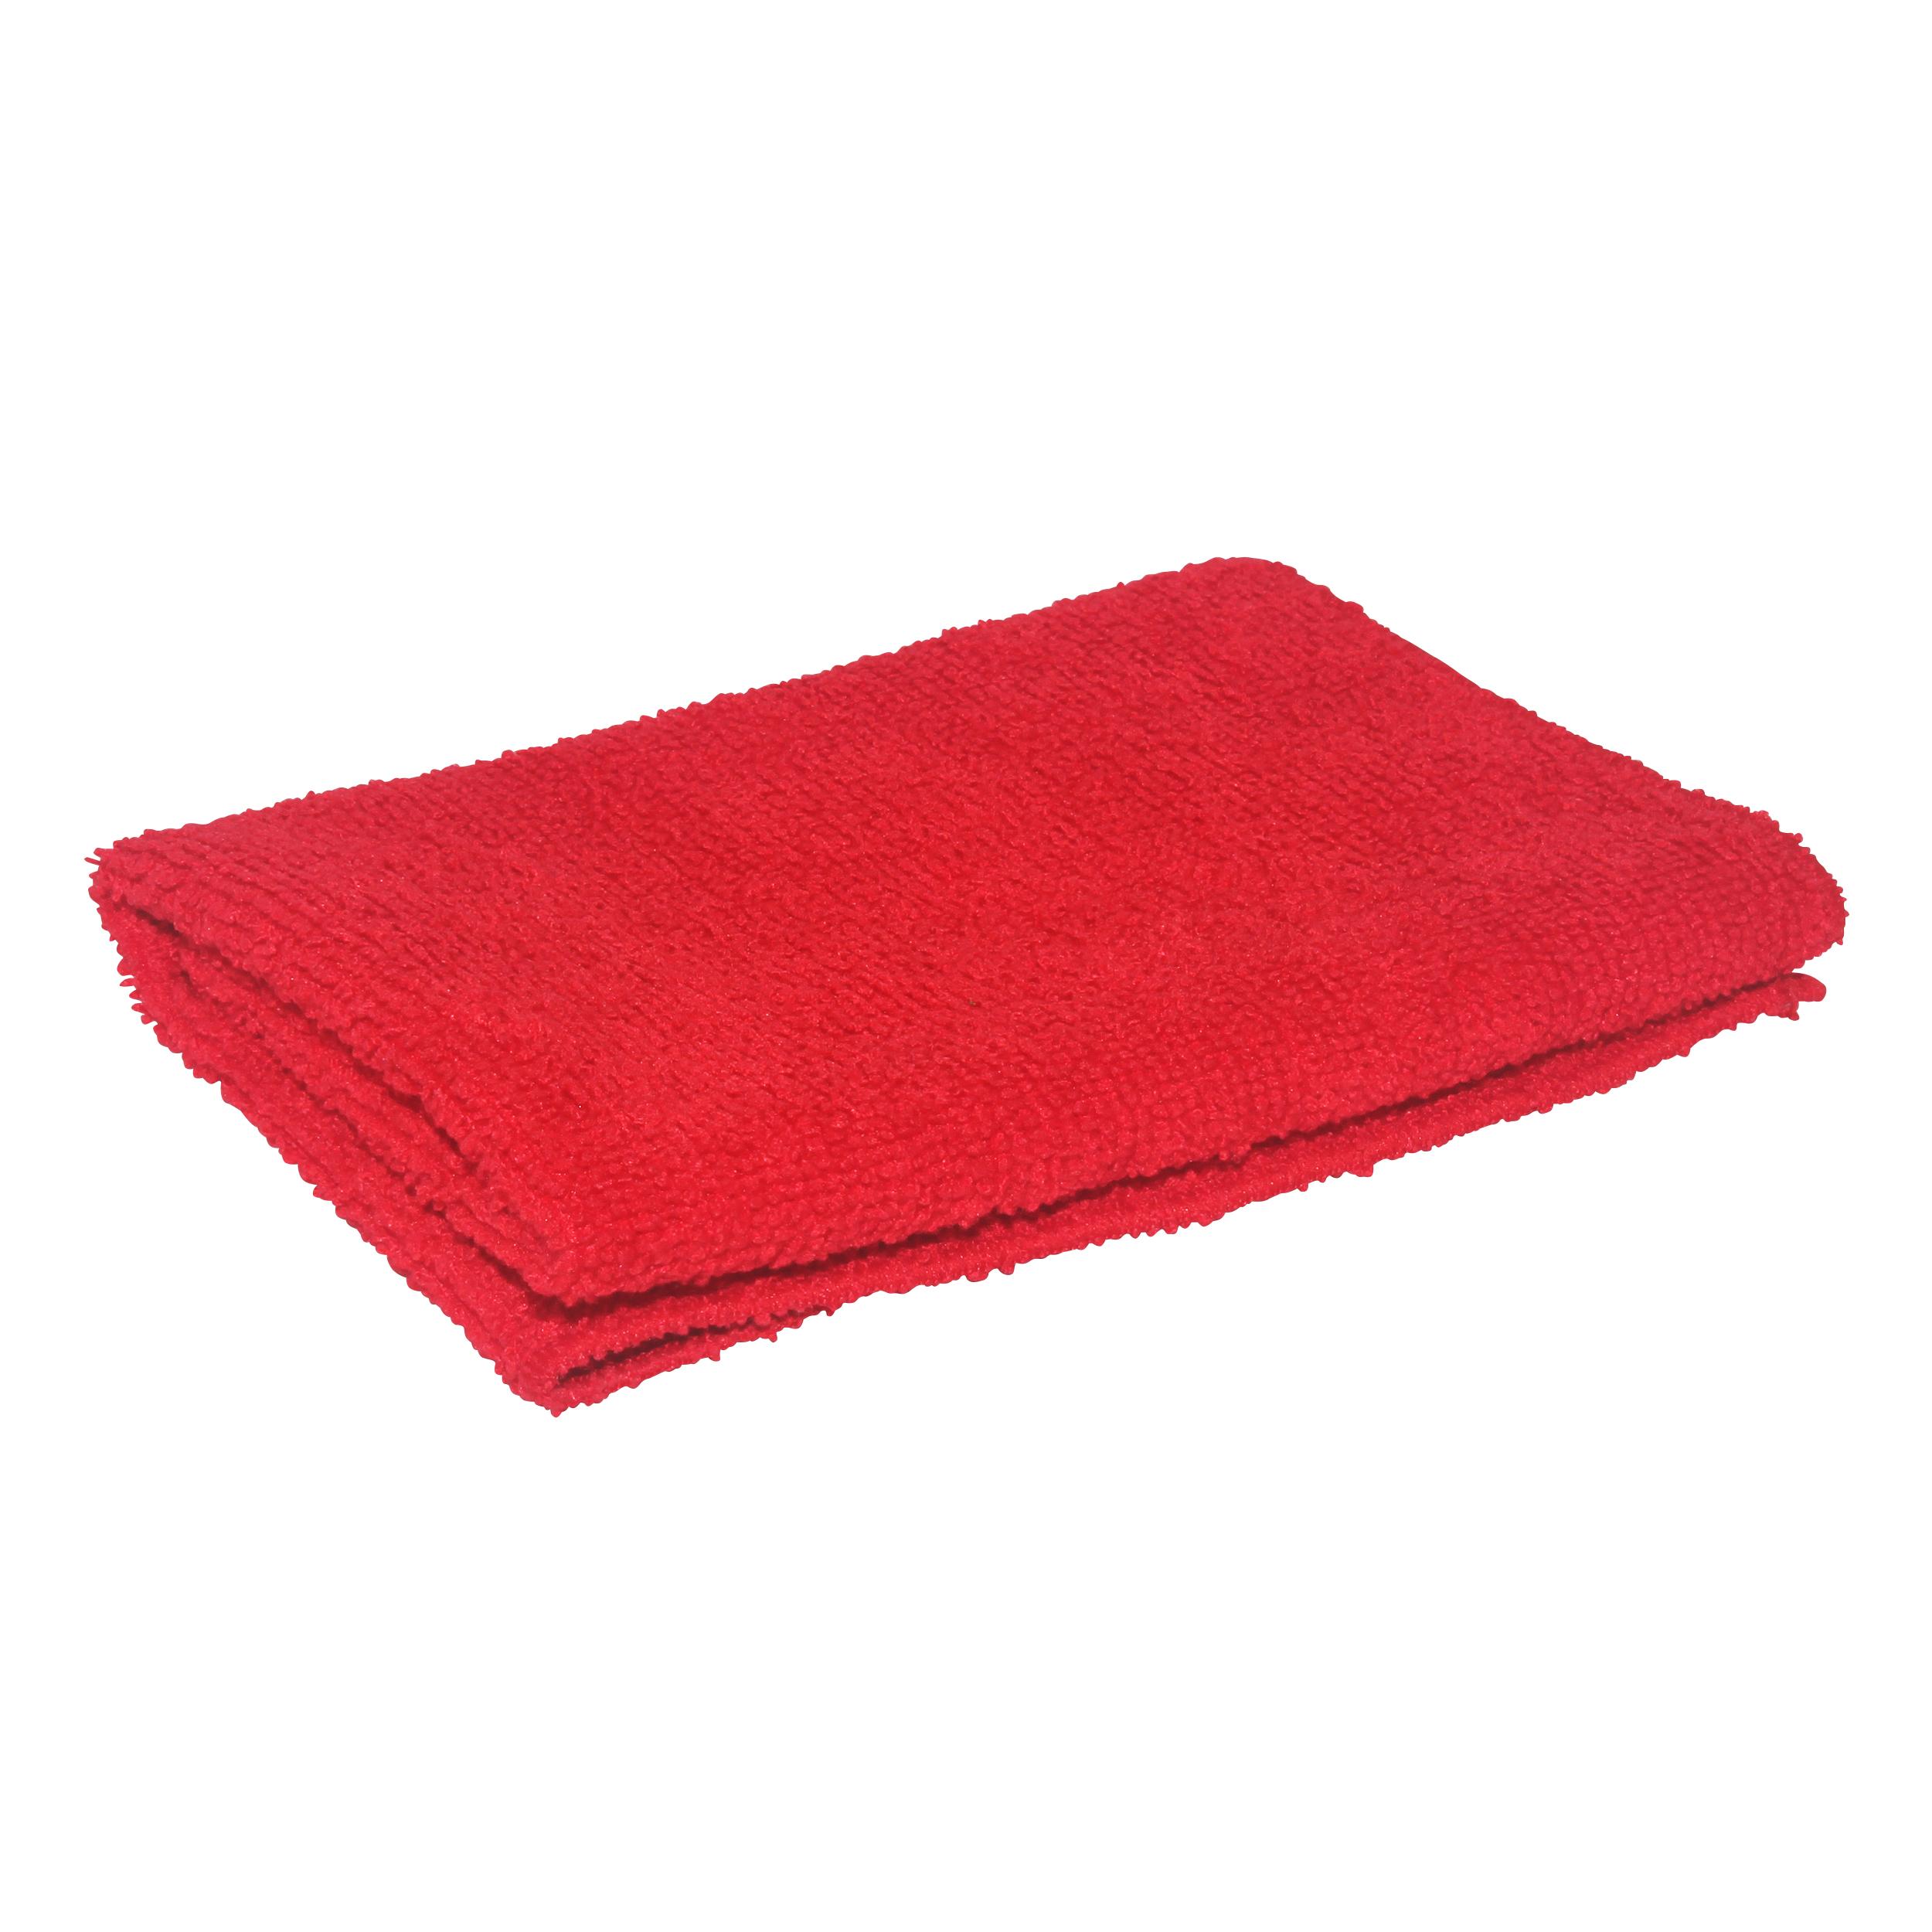 دستمال نظافت مزدا کد Mz01